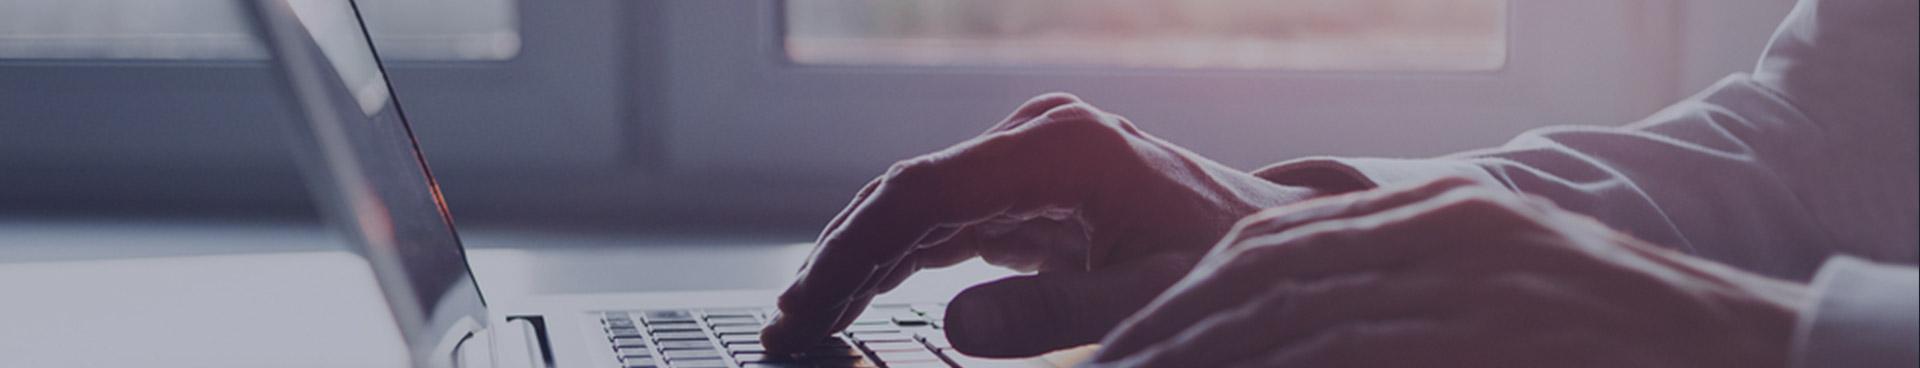 有限会社サポートシステムは群馬県太田市を中心にパソコンに関する業務全般やWEB制作を行っております。